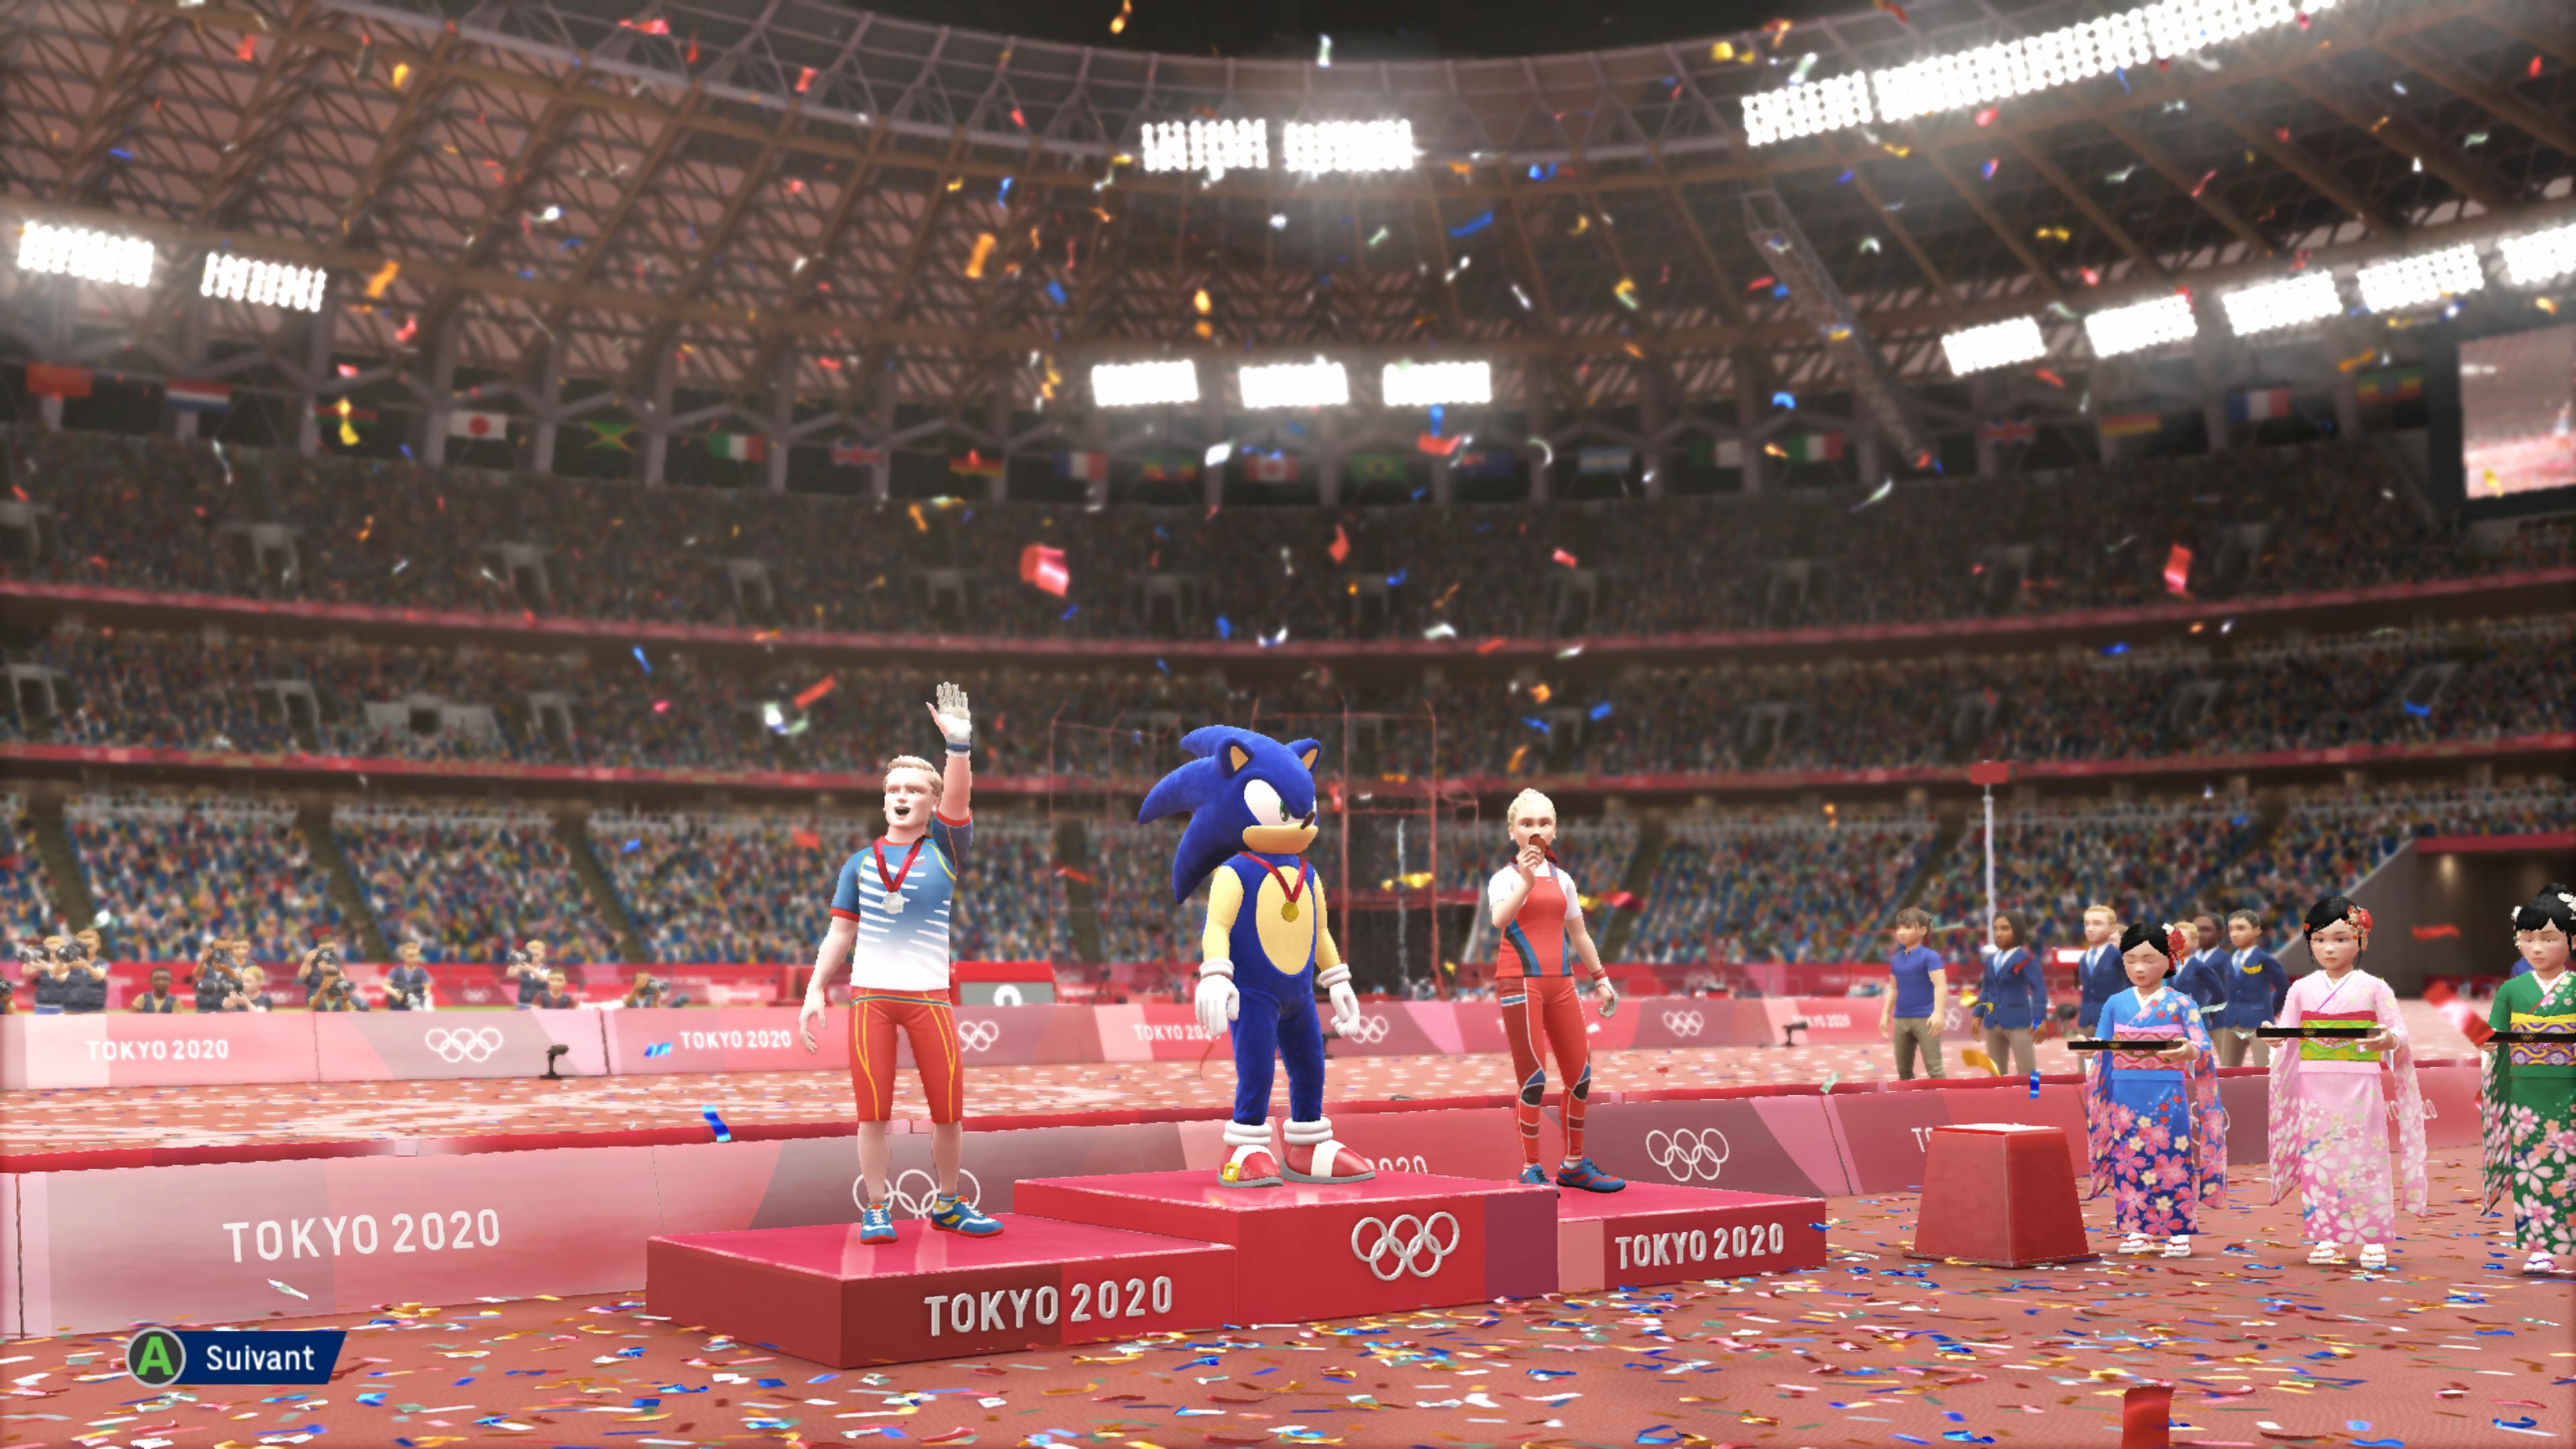 Jeux Olympiques de Tokyo 2020 – le jeu vidéo officiel™ (18)